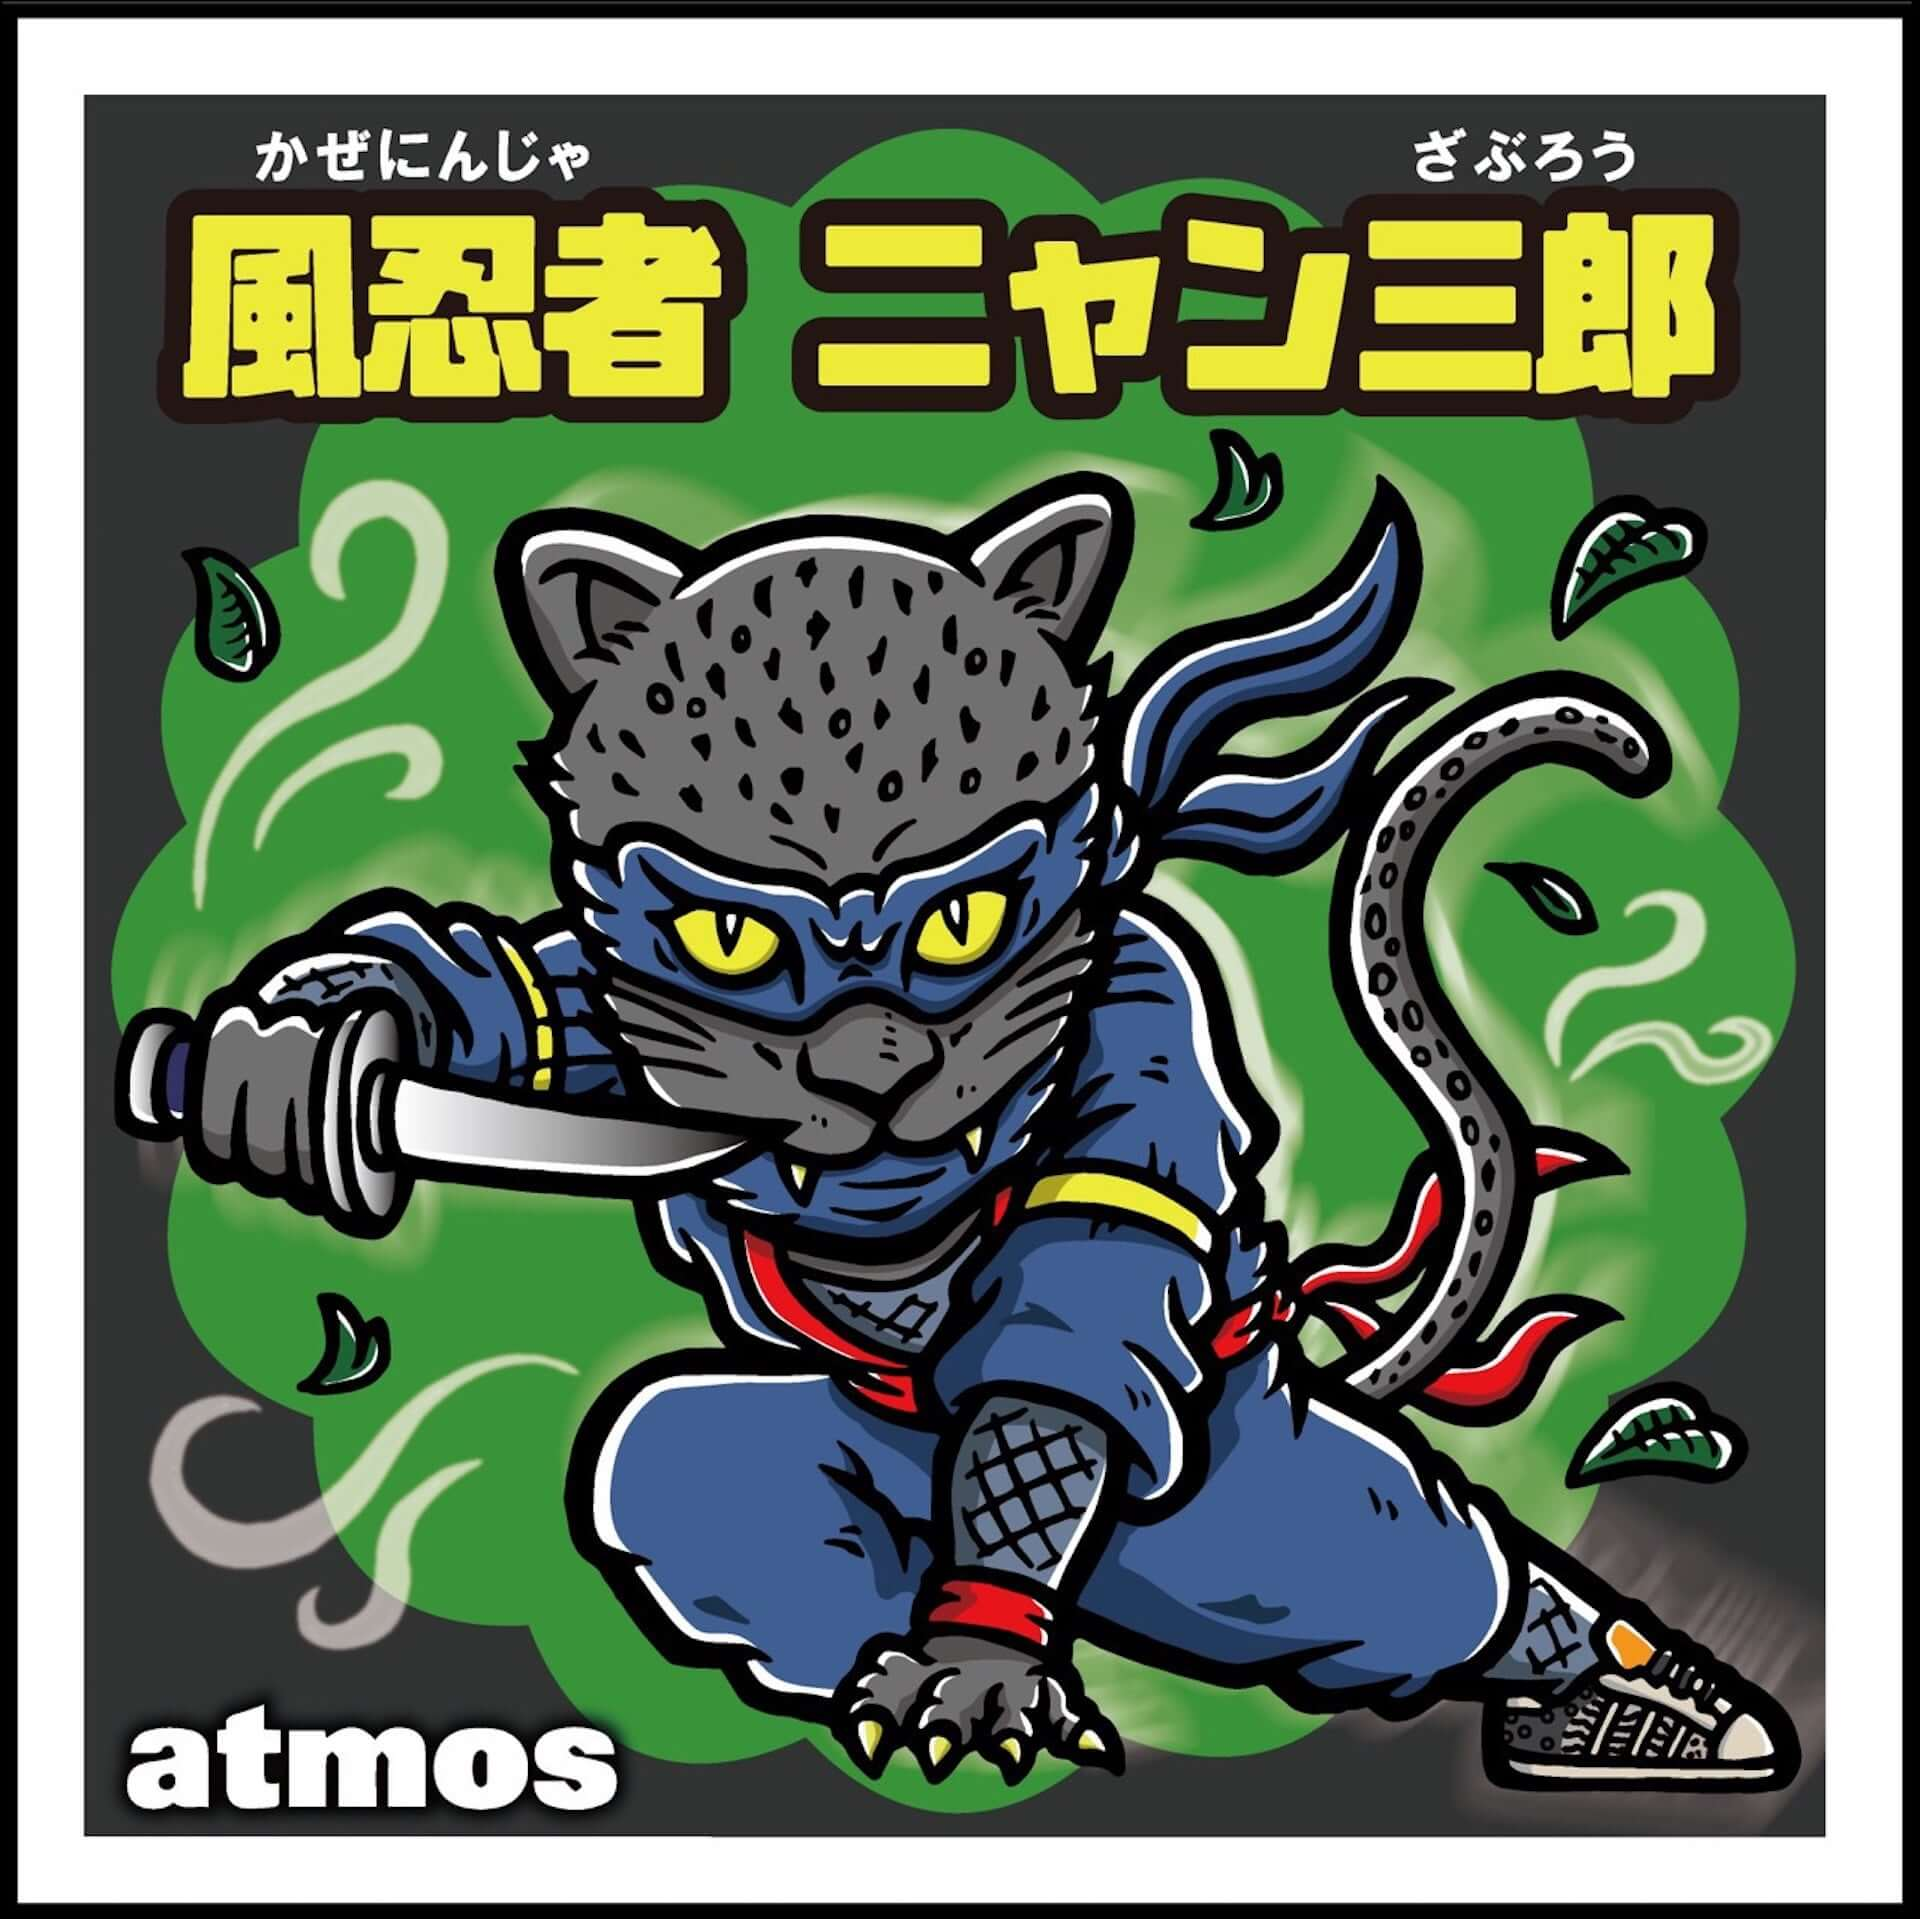 アニマル柄を採用したadidas Originals『SUPERSTAR』がatmosにて発売決定!ビックリマン風シールも抽選でプレゼント lf200928_atmos_9-1920x1919